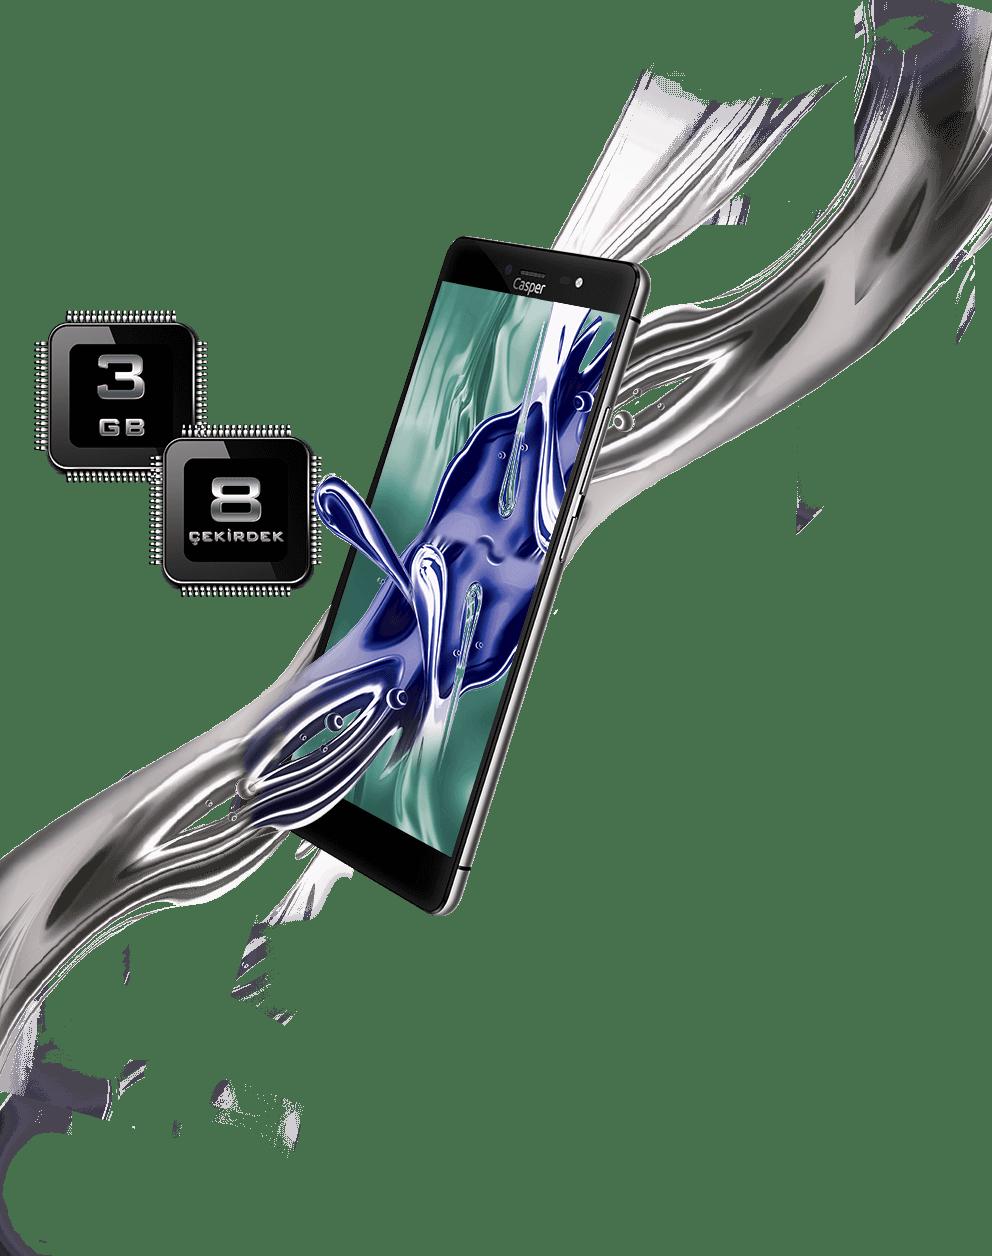 Casper yeni telefonu VIA M1'i tanıttı! İşte fiyatı ve özellikleri